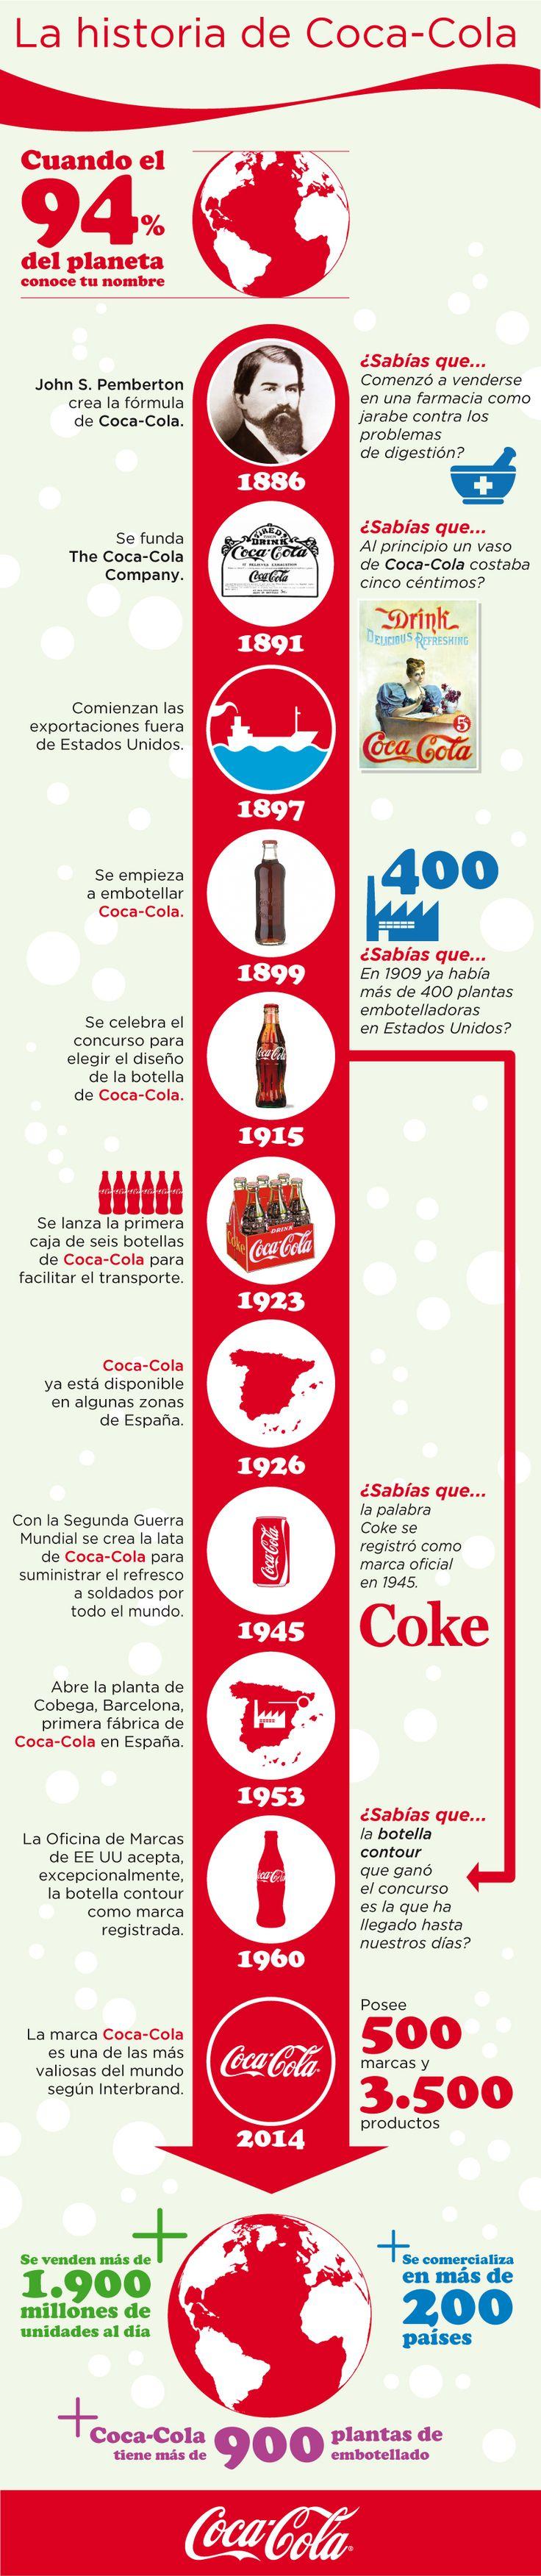 Infografía de la historia de Coca-Cola desde su creación